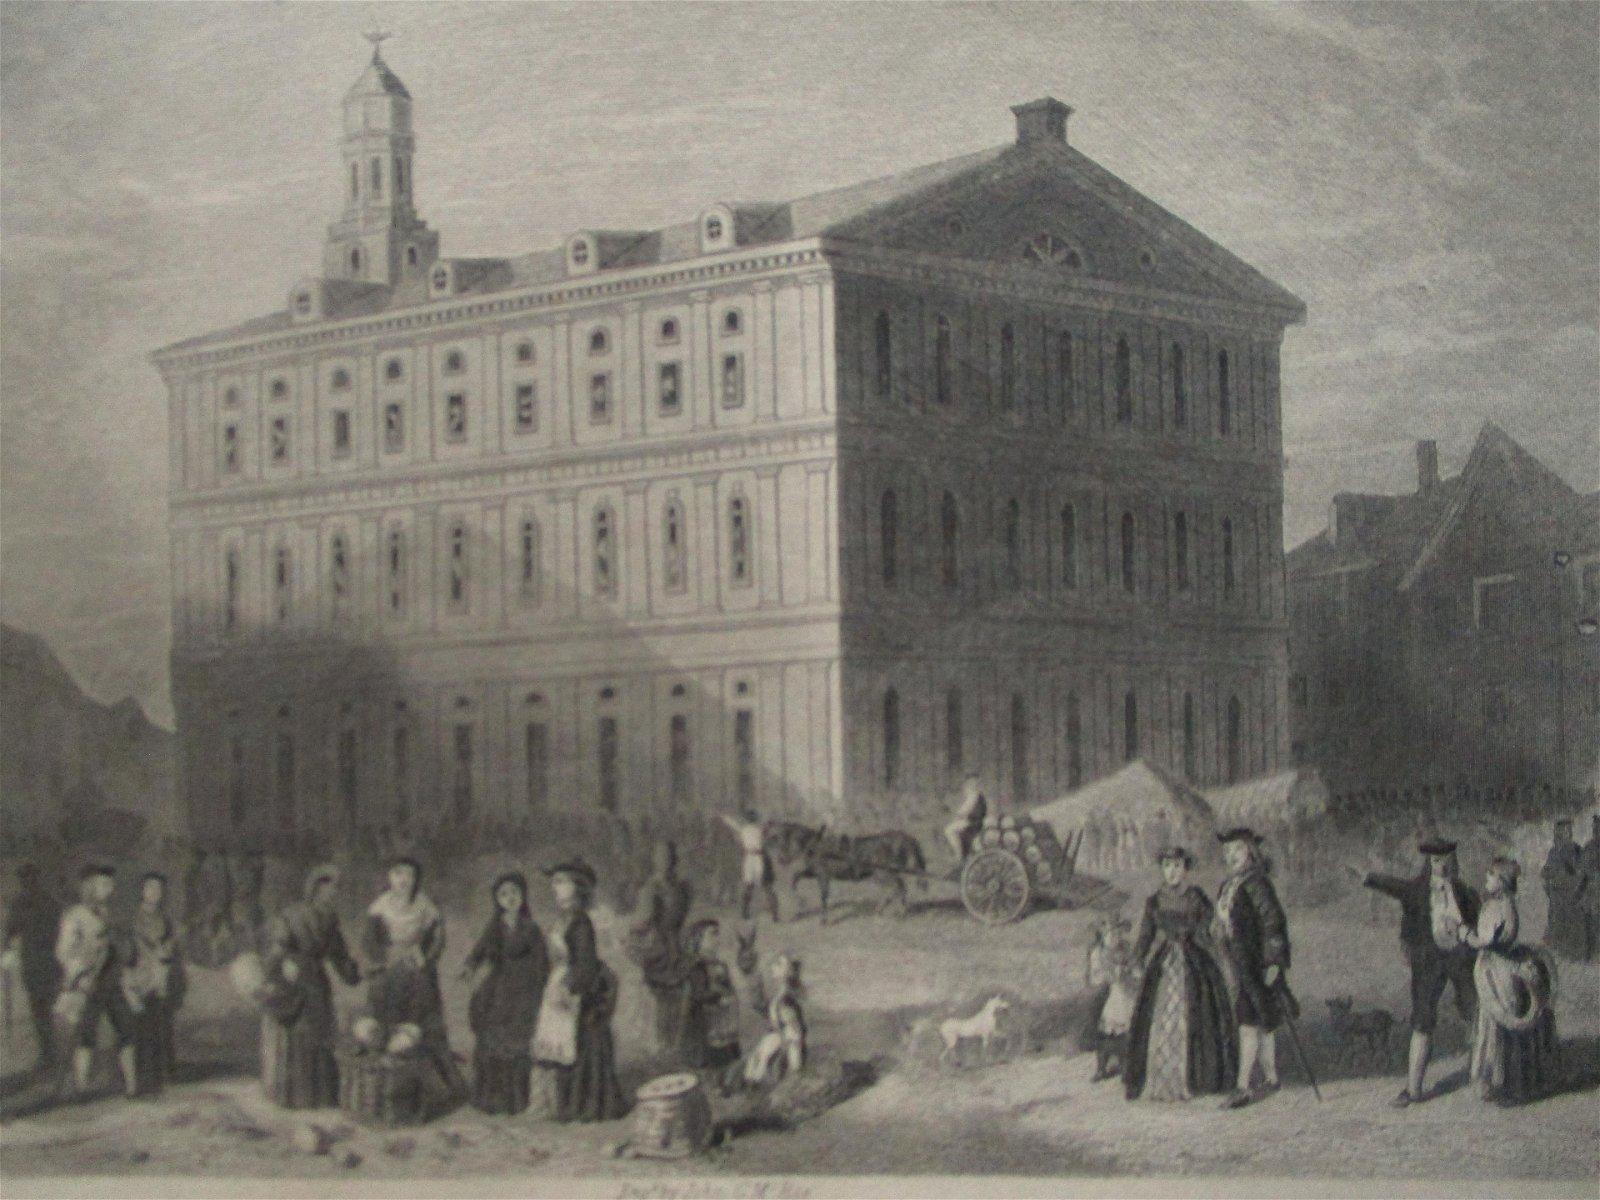 Faneuil Hall - Boston Massachusetts 1776